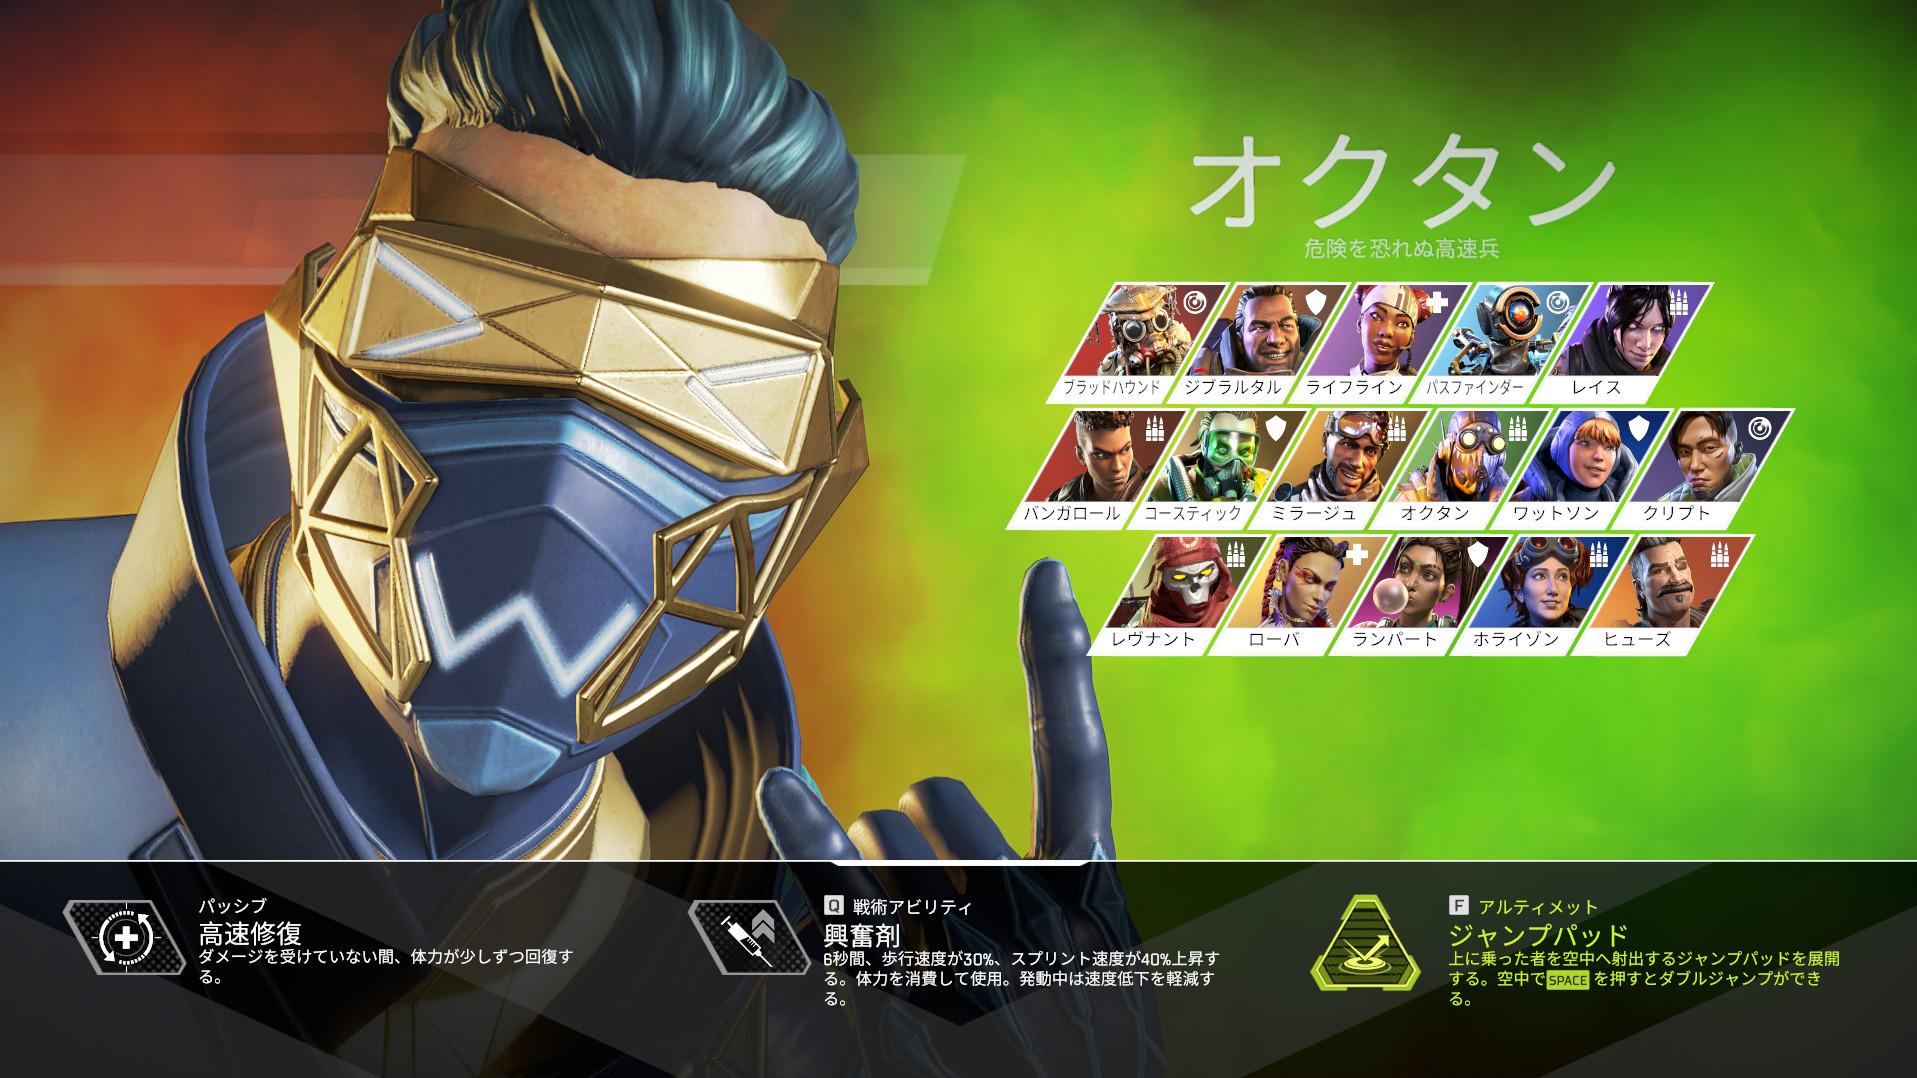 【Apex Legends】オクタンで格闘が出ないのはなぜ?オクタンで格闘が押せない理由【エーペックスレジェンズ】